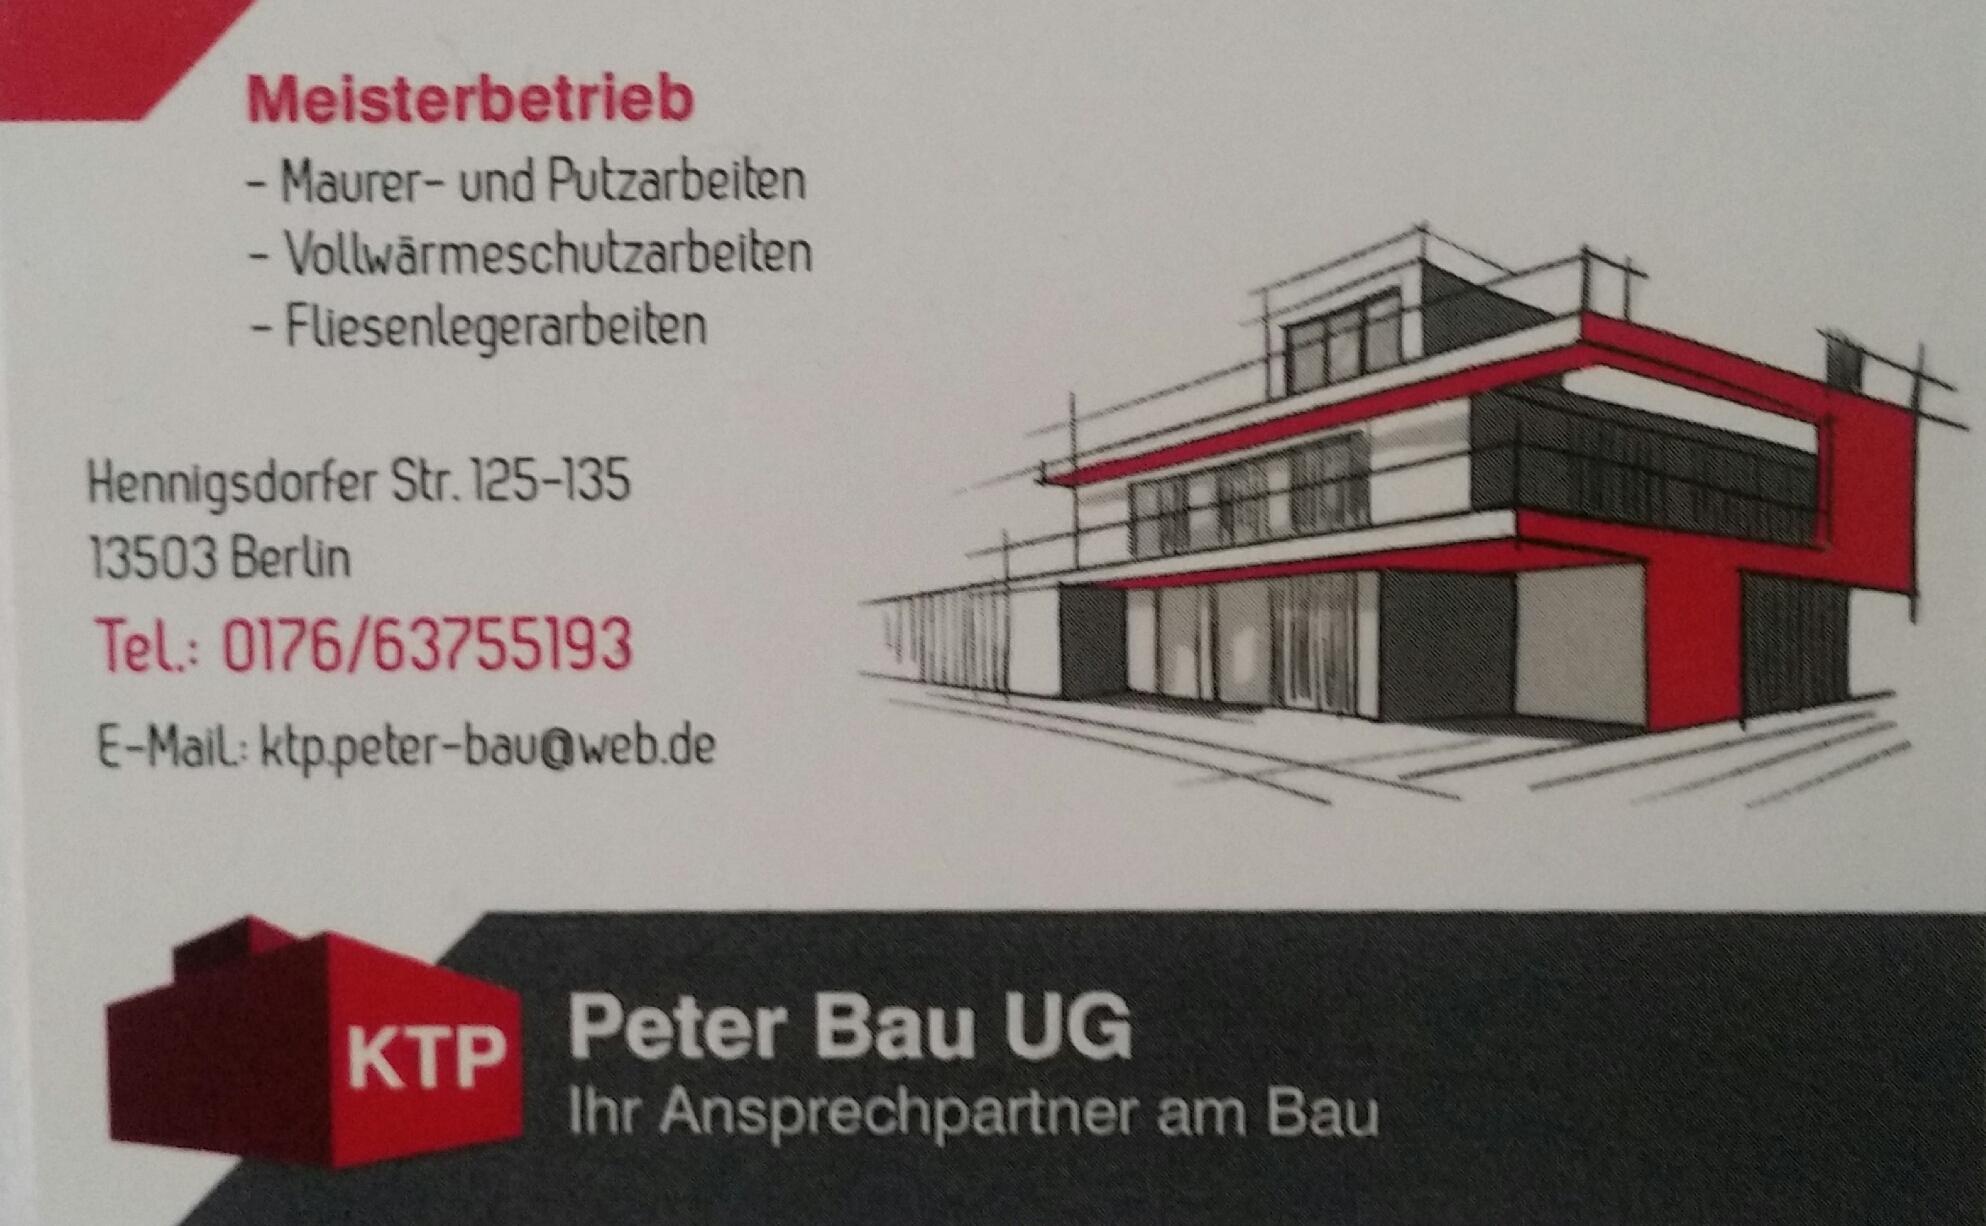 KTP Peter Bau UG (haftungsbeschränkt)